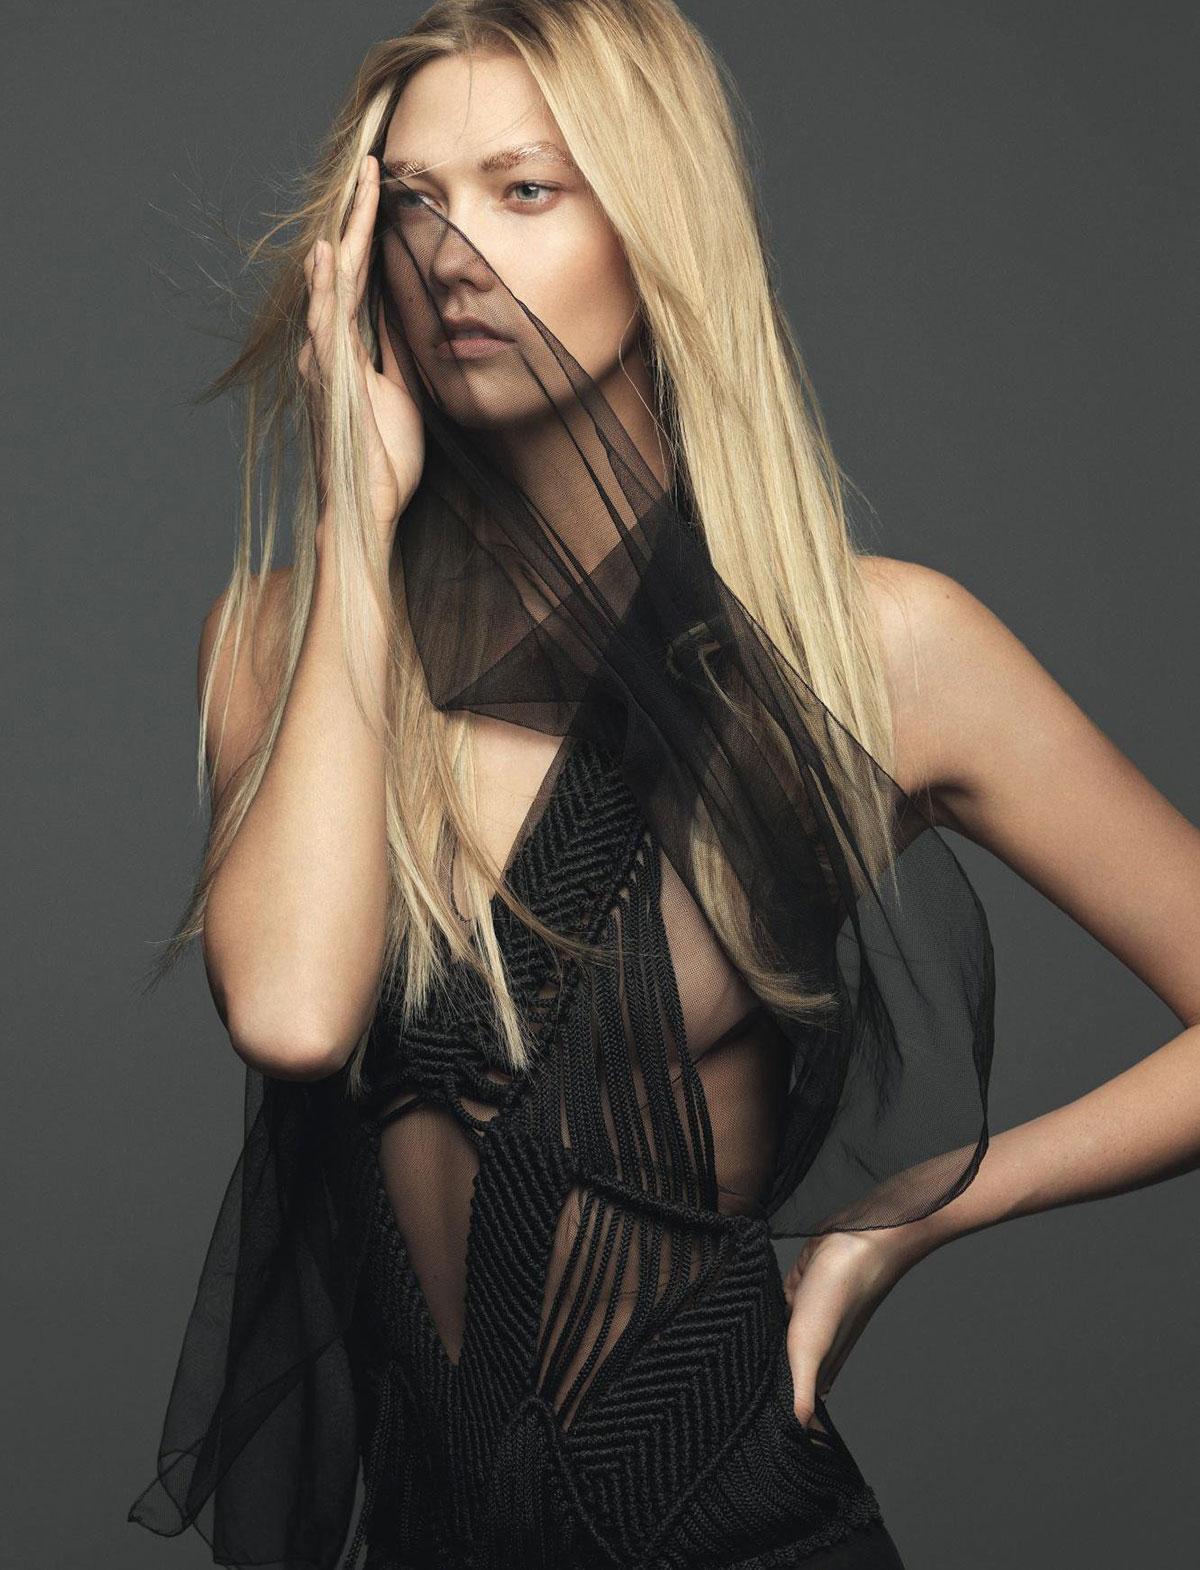 KARLIE KLOSS in Elle Magazine